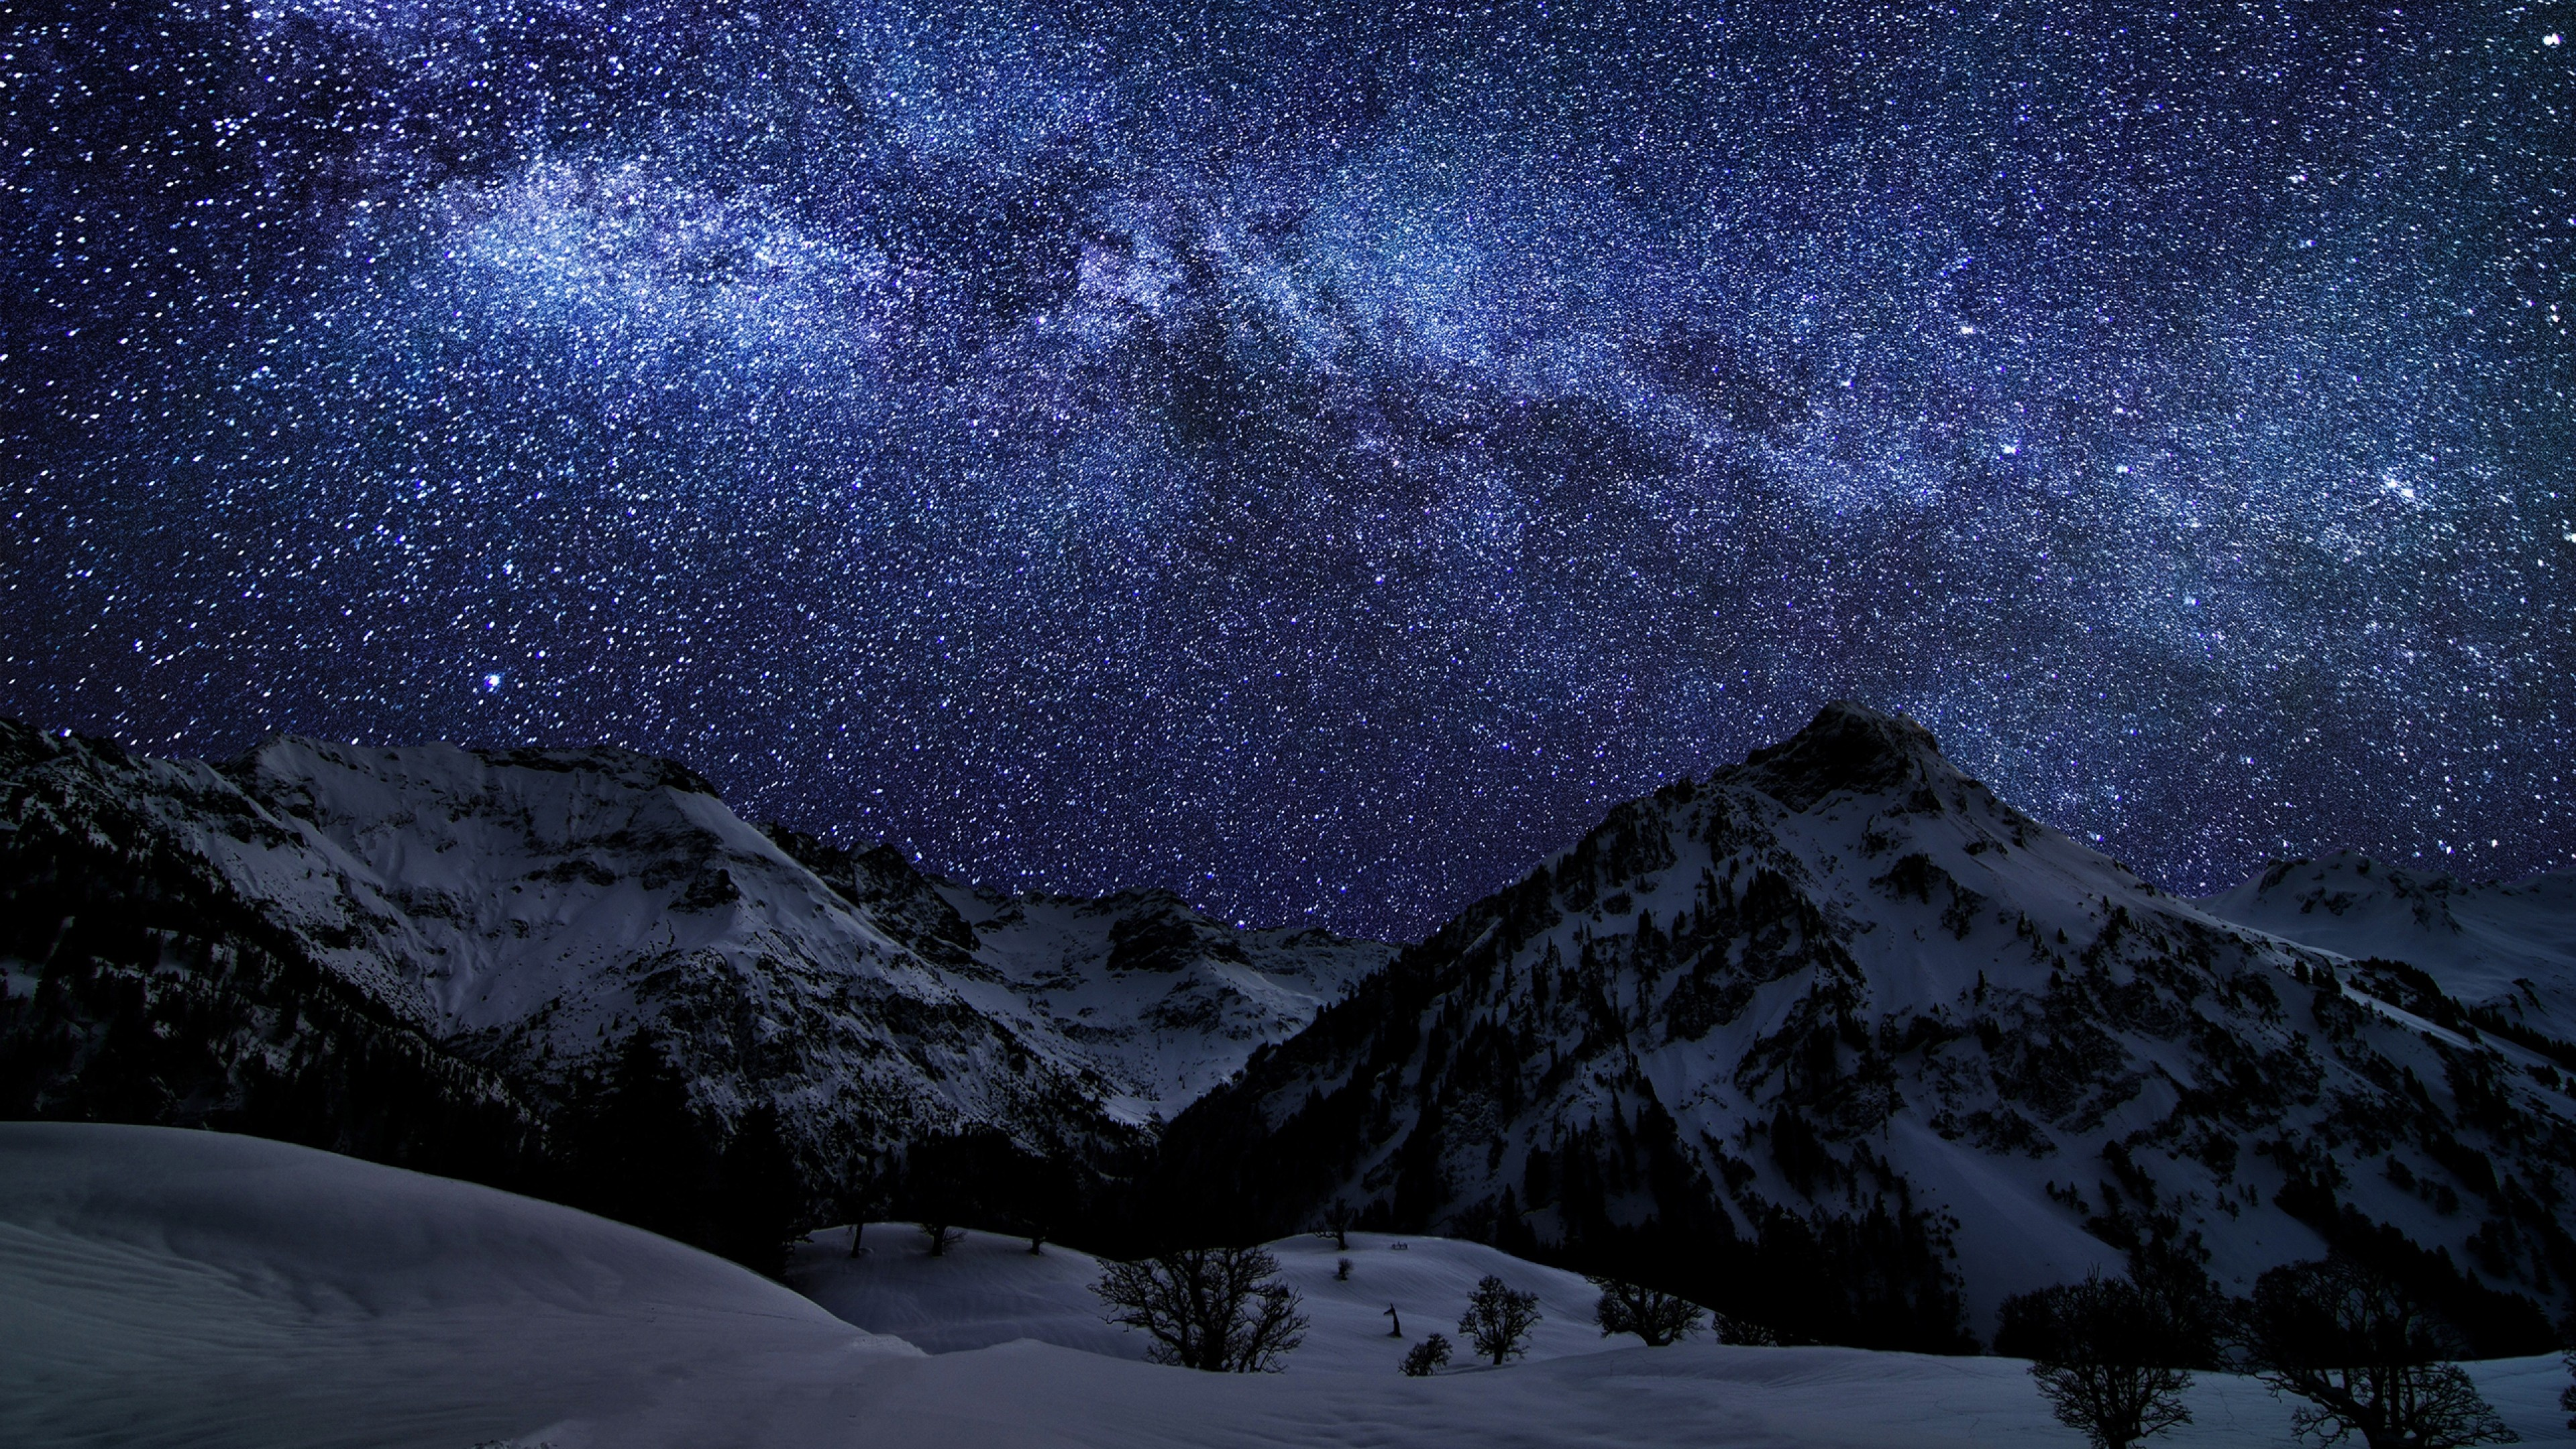 Ultra Hd Winter Sky Stars Nature Night 86857 3840x2160